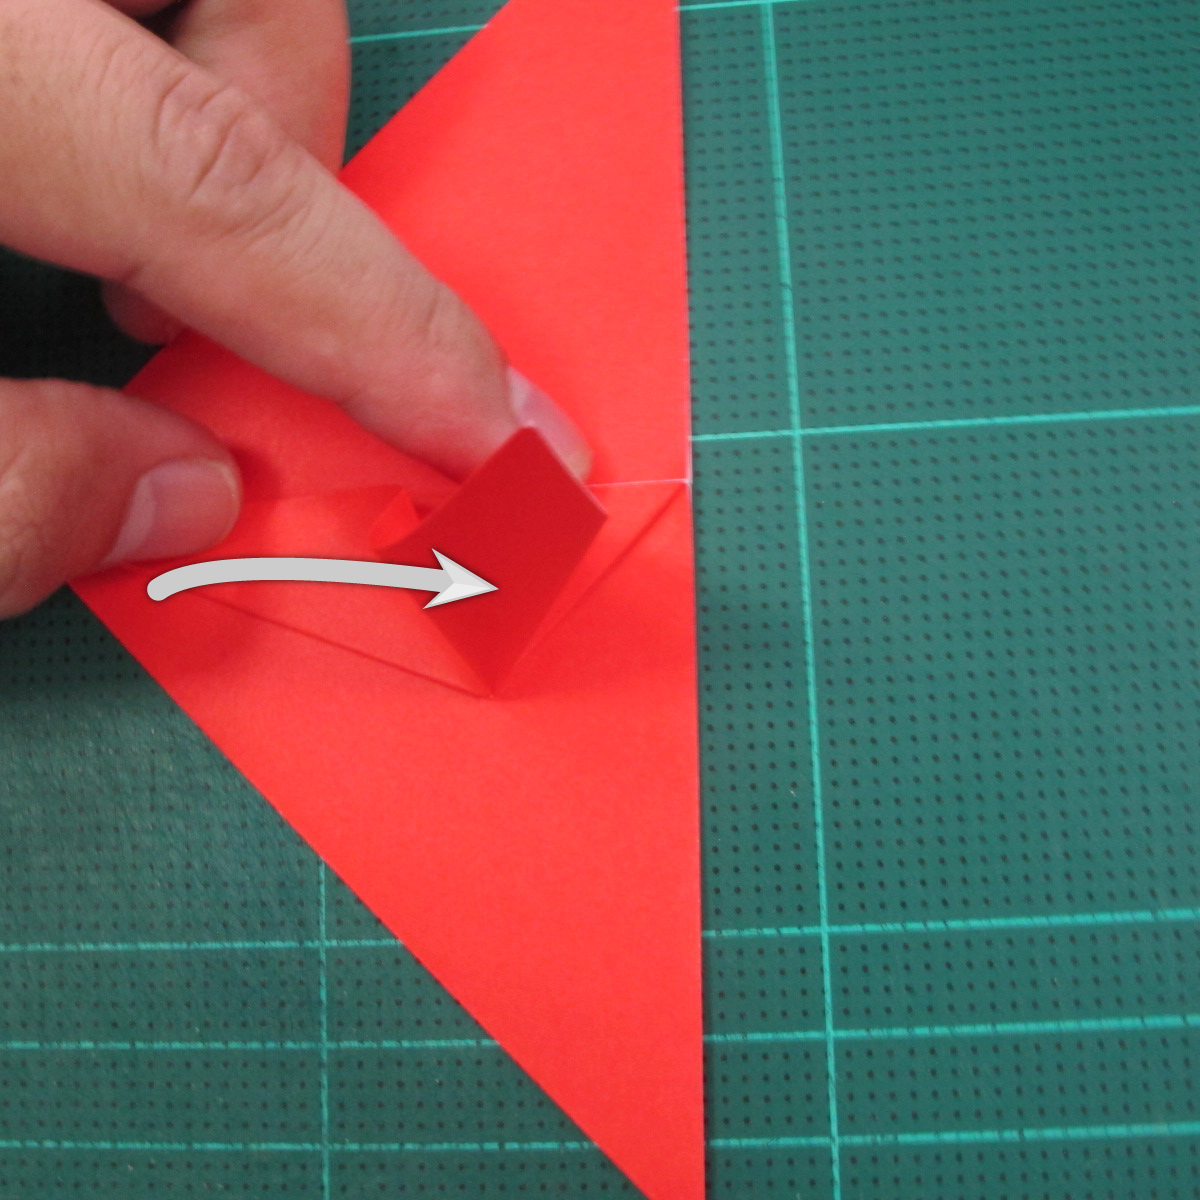 วิธีพับกระดาษเป็นรูปแมลงปอ (Origami Dragonfly) 009